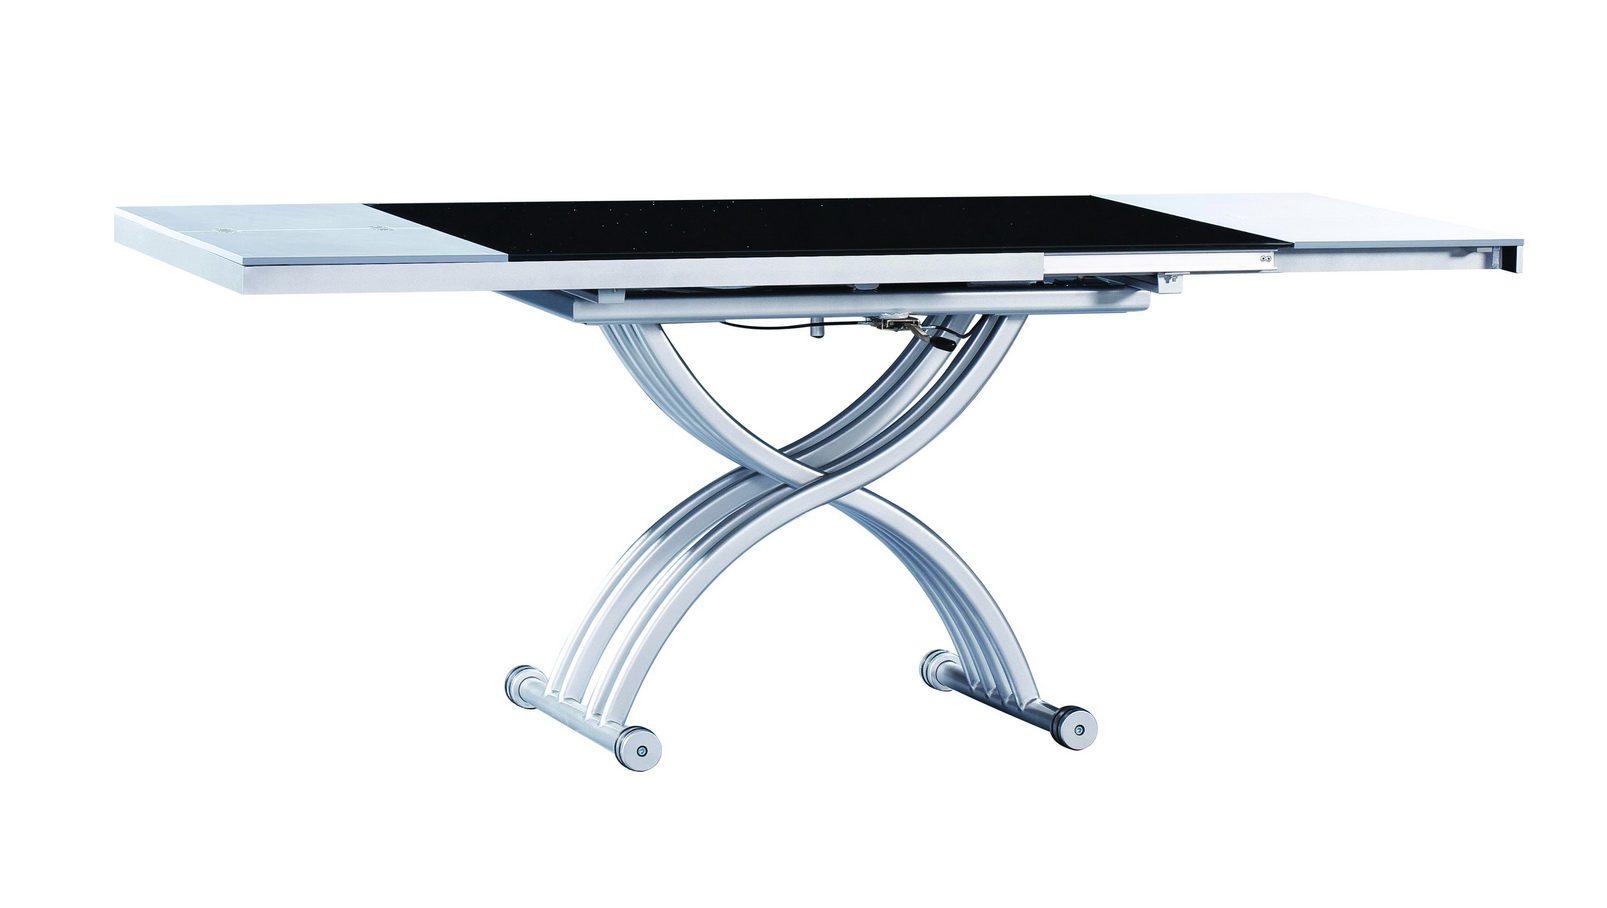 Купить Журнально-обеденный стол с регулировкой высоты, inmyroom, Испания